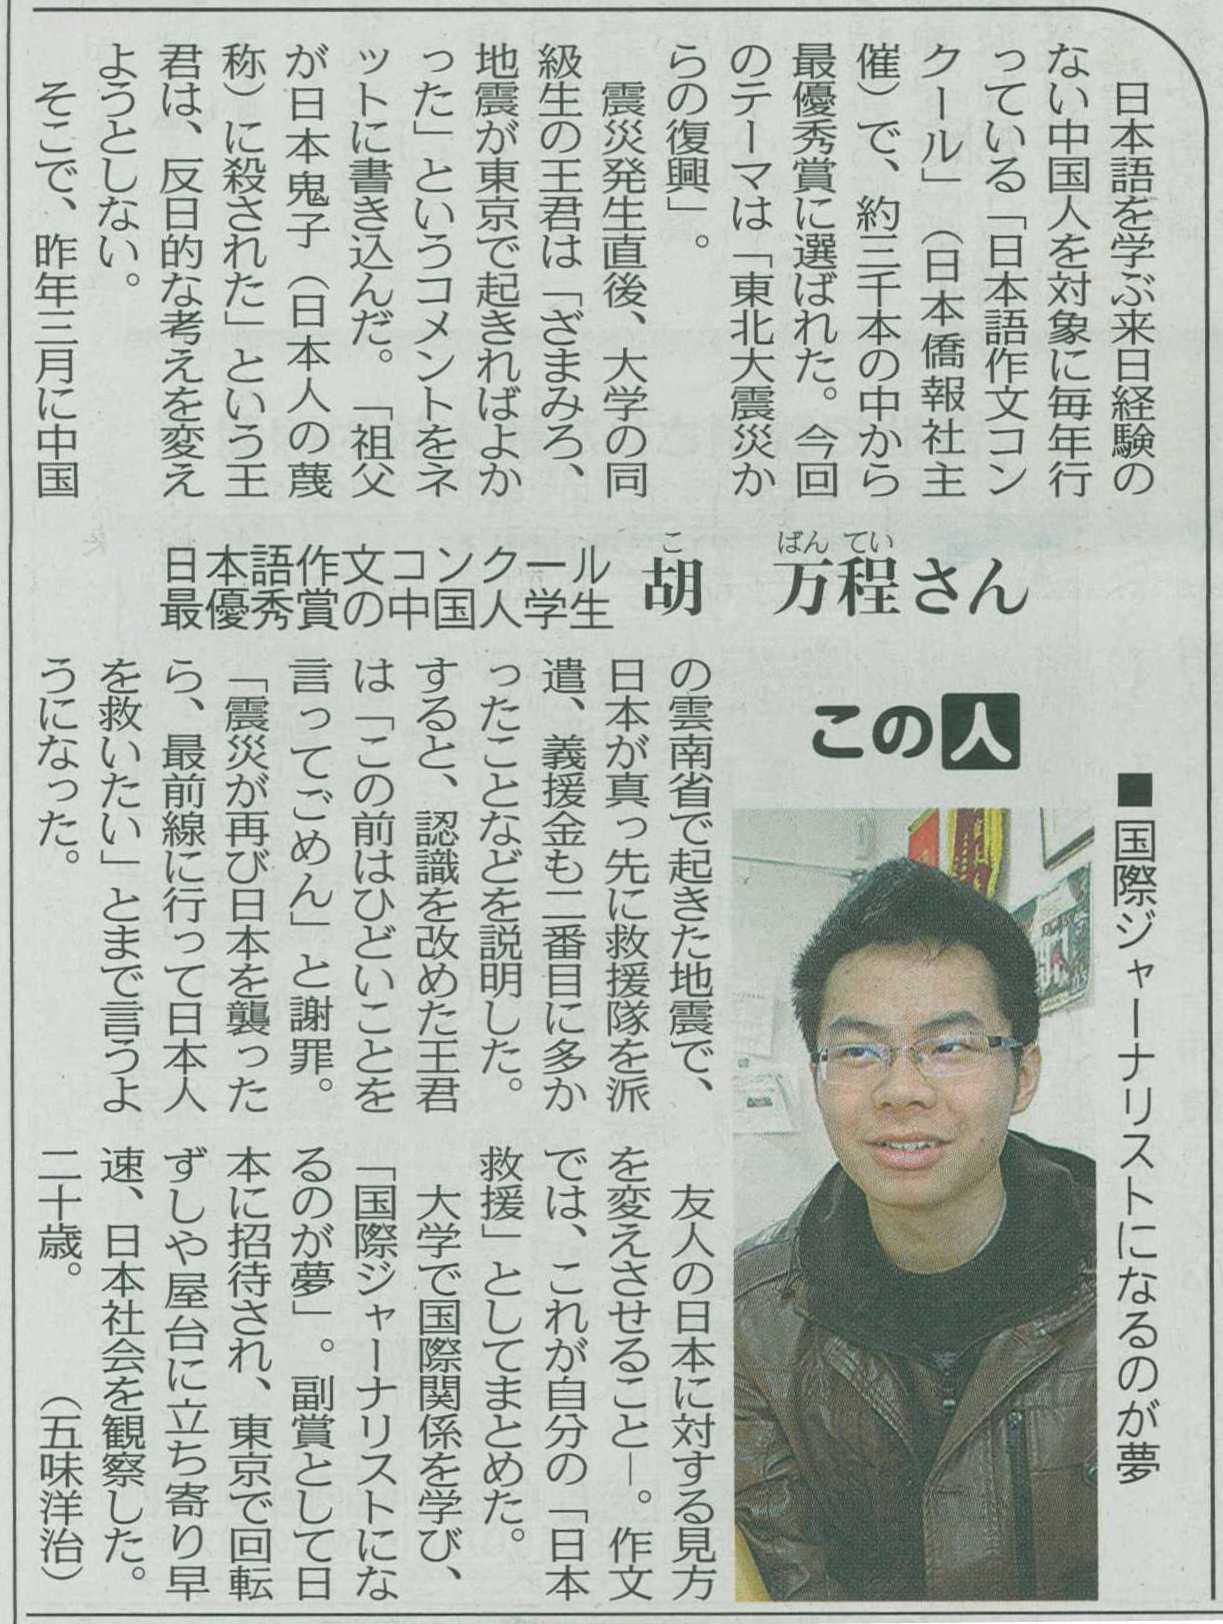 《东京新闻》发表了第七届中国人日语作文大赛最优秀奖(日本大使奖)得主胡万程的专访_d0027795_9382676.jpg